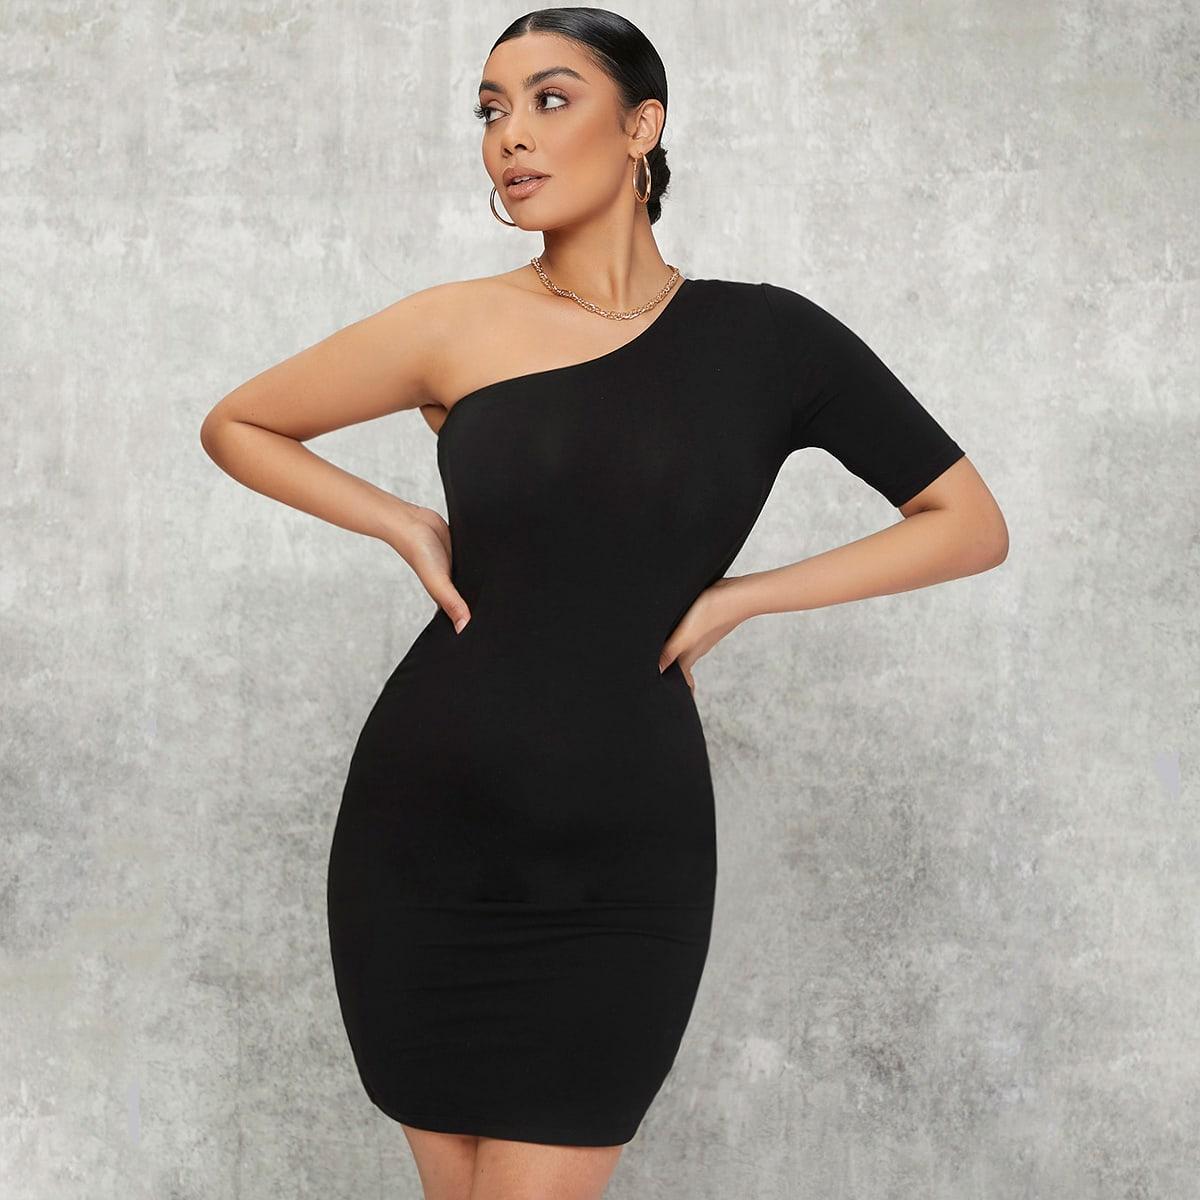 Einfarbiges figurbetontes Kleid mit einer Schulter frei